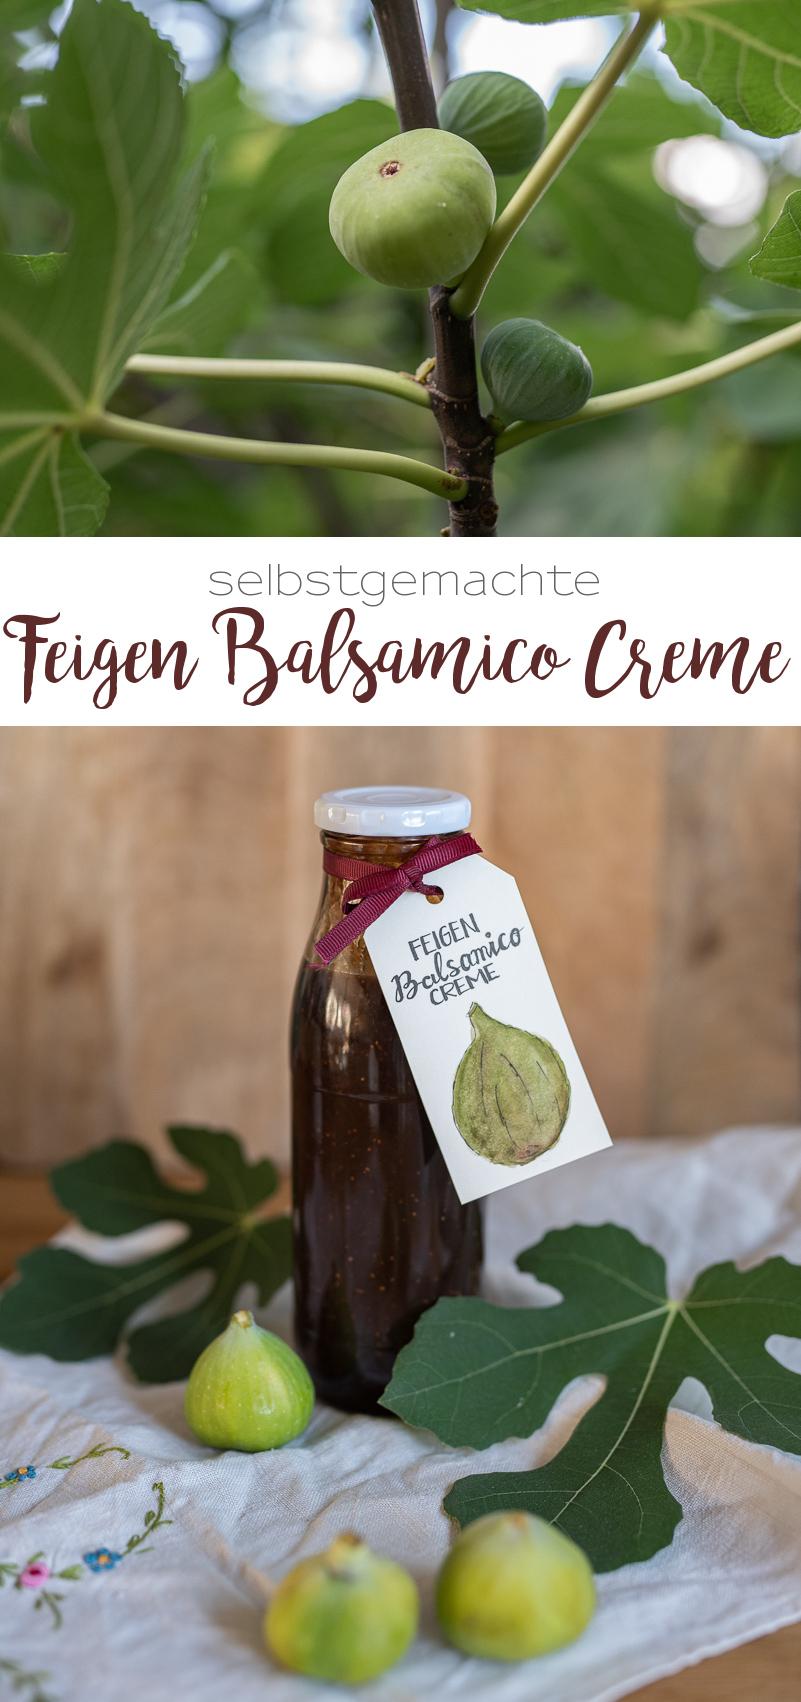 Rezept für selbstgemachte Feigen Balsamico Creme für Salate und Saucen oder als Geschenk aus der Küche